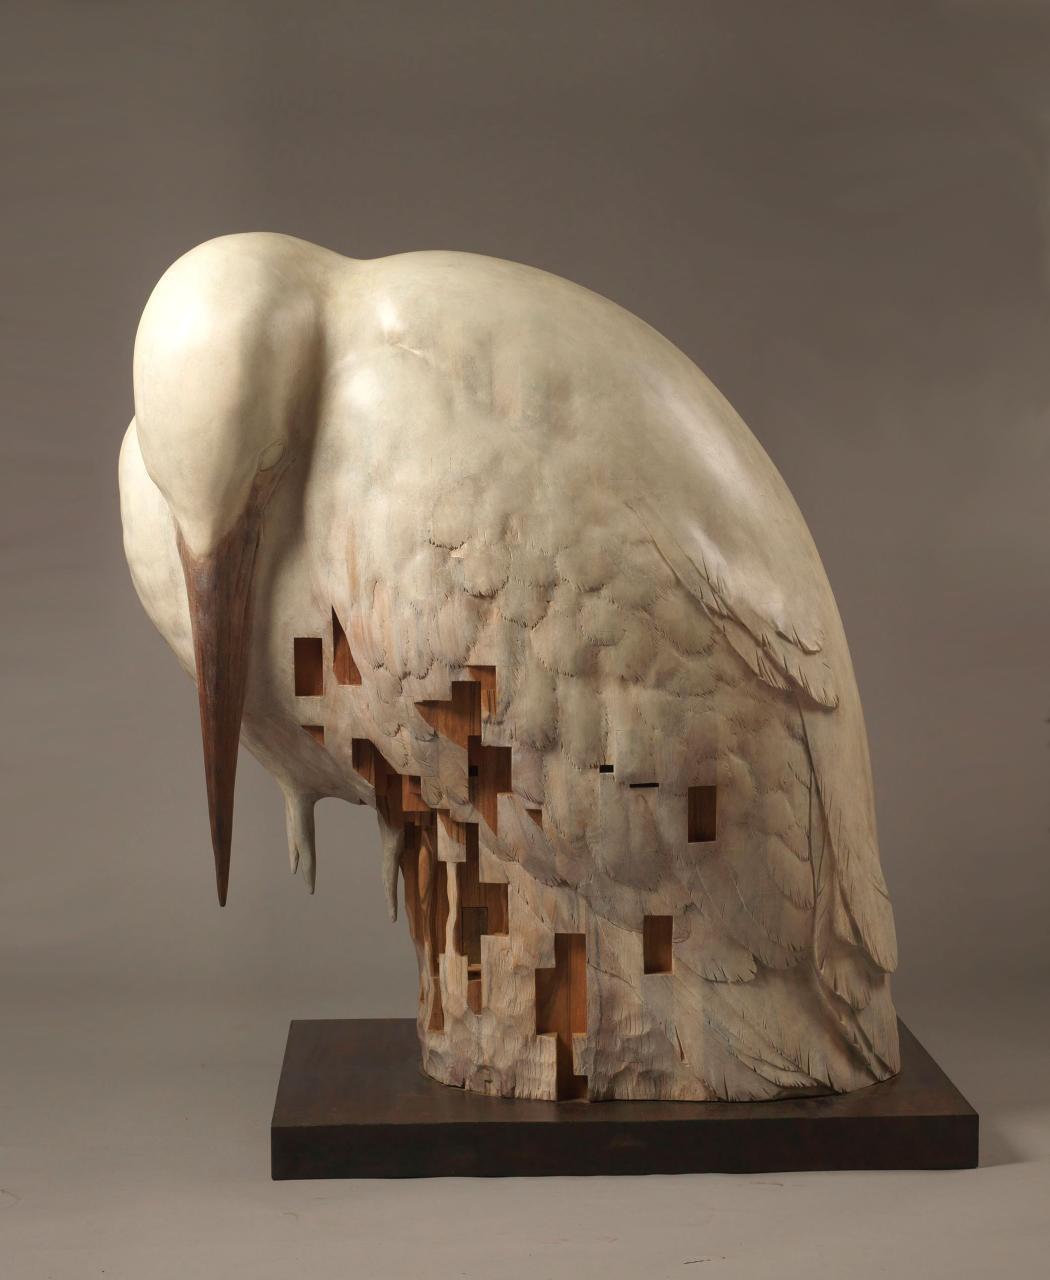 Ein weißer Vogel